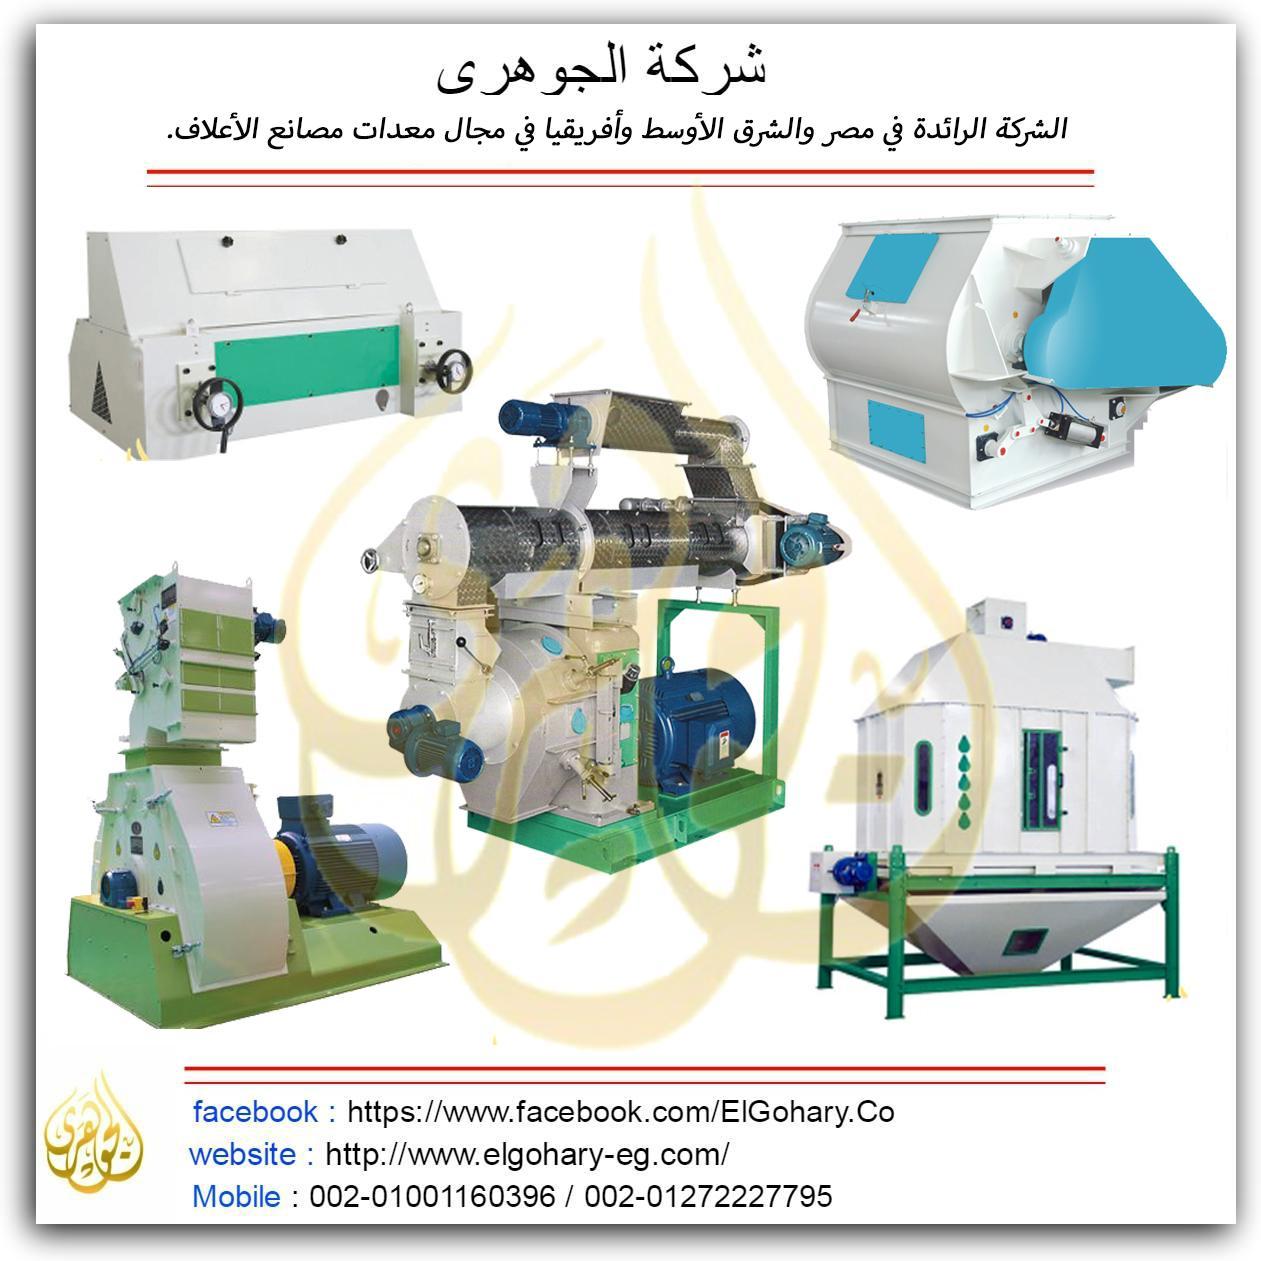 طريقة انشاء مصنع 592139766.jpg